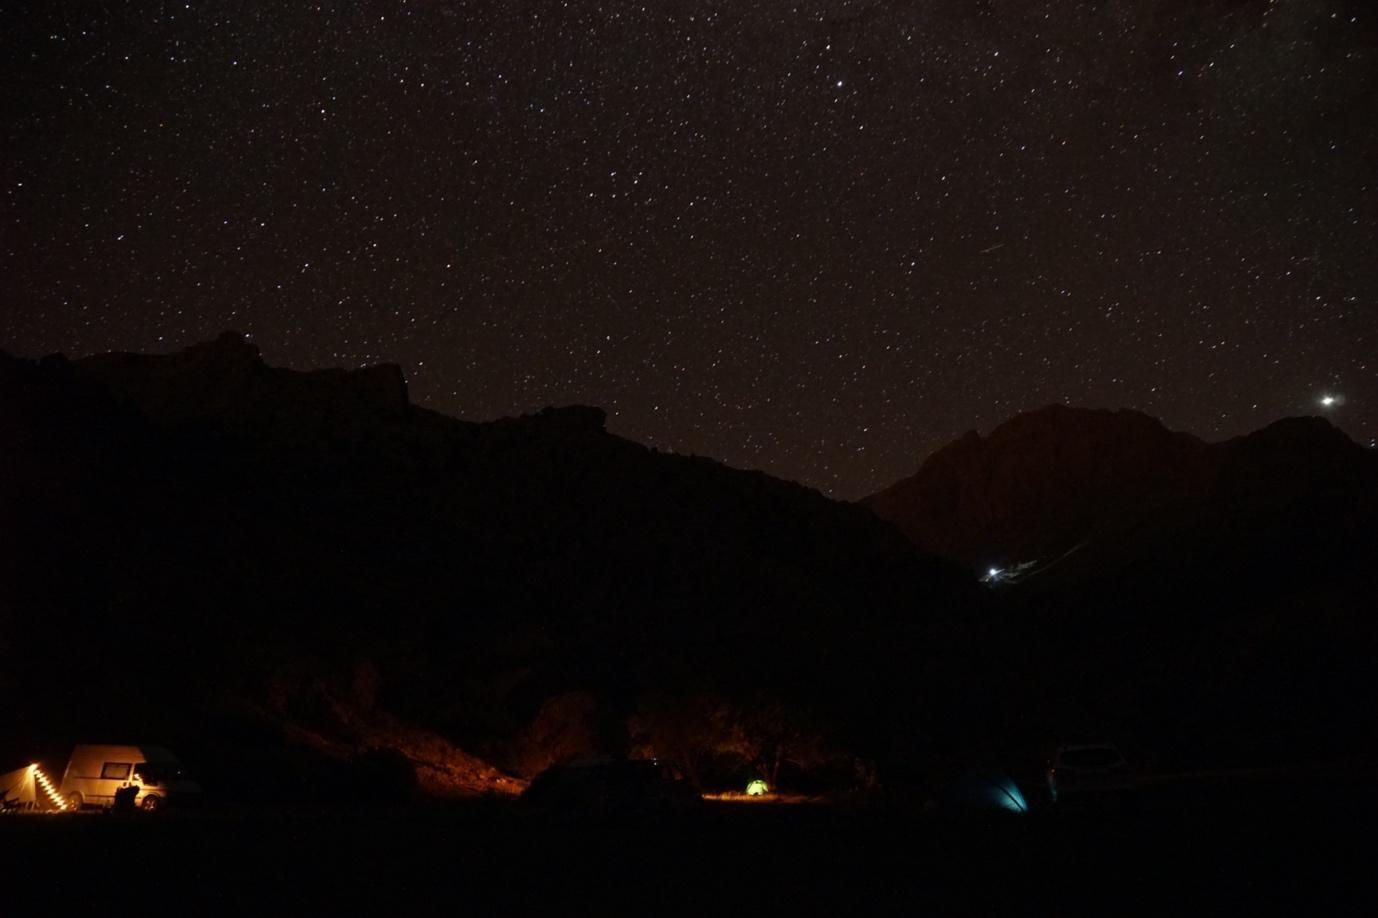 aladağlar sarımemedin yurdu kamp alanı gece yıldız ve samanyolu